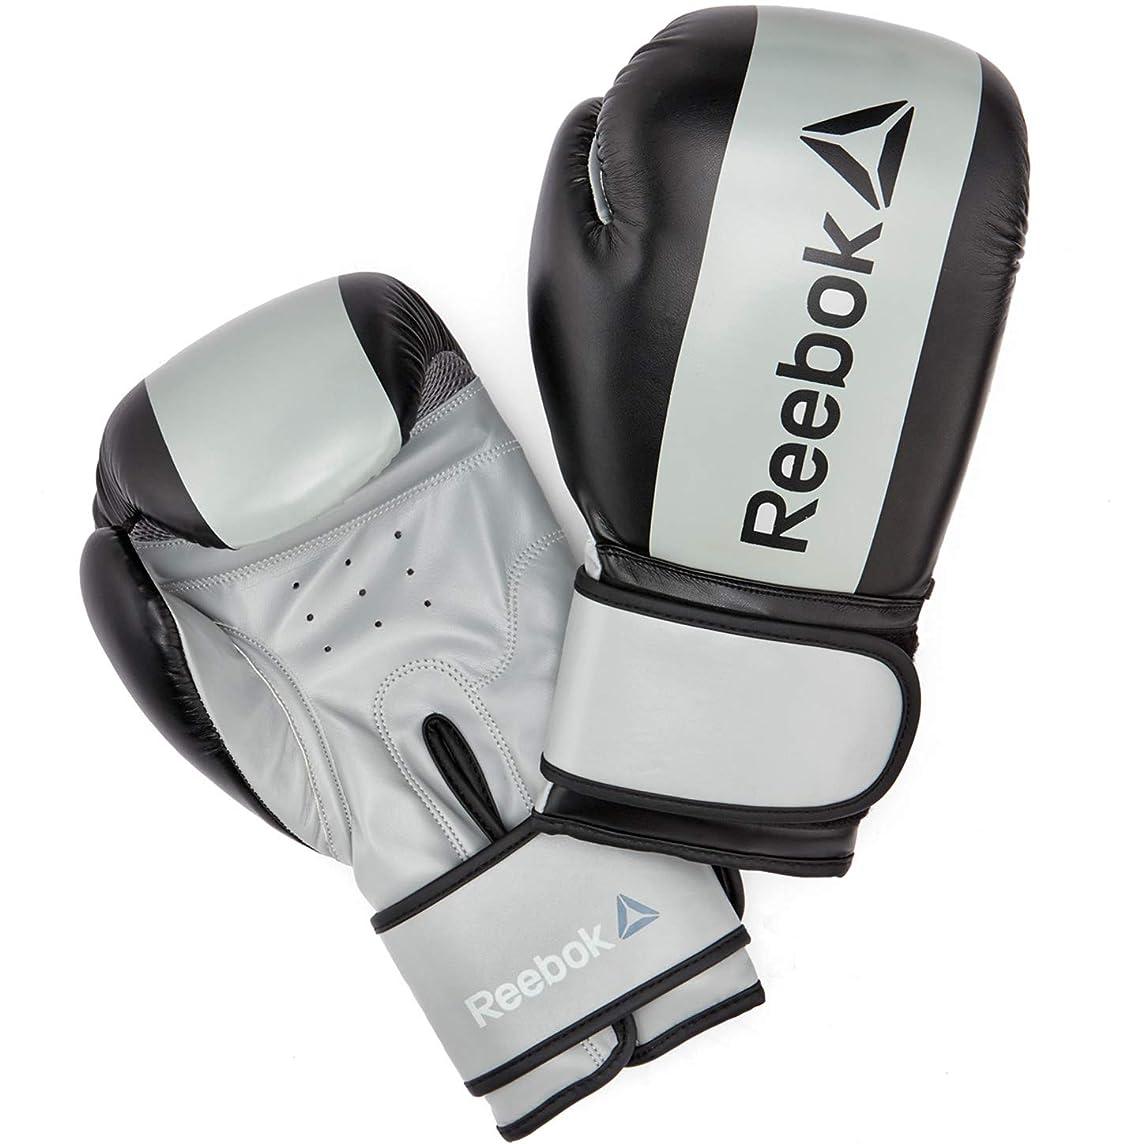 潮宇宙船お酢Reebok(リーボック) コンバット ボクシンググローブ 16 oz Boxing Gloves - Grey フィットネス ボクササイズ RSCB-11116GR